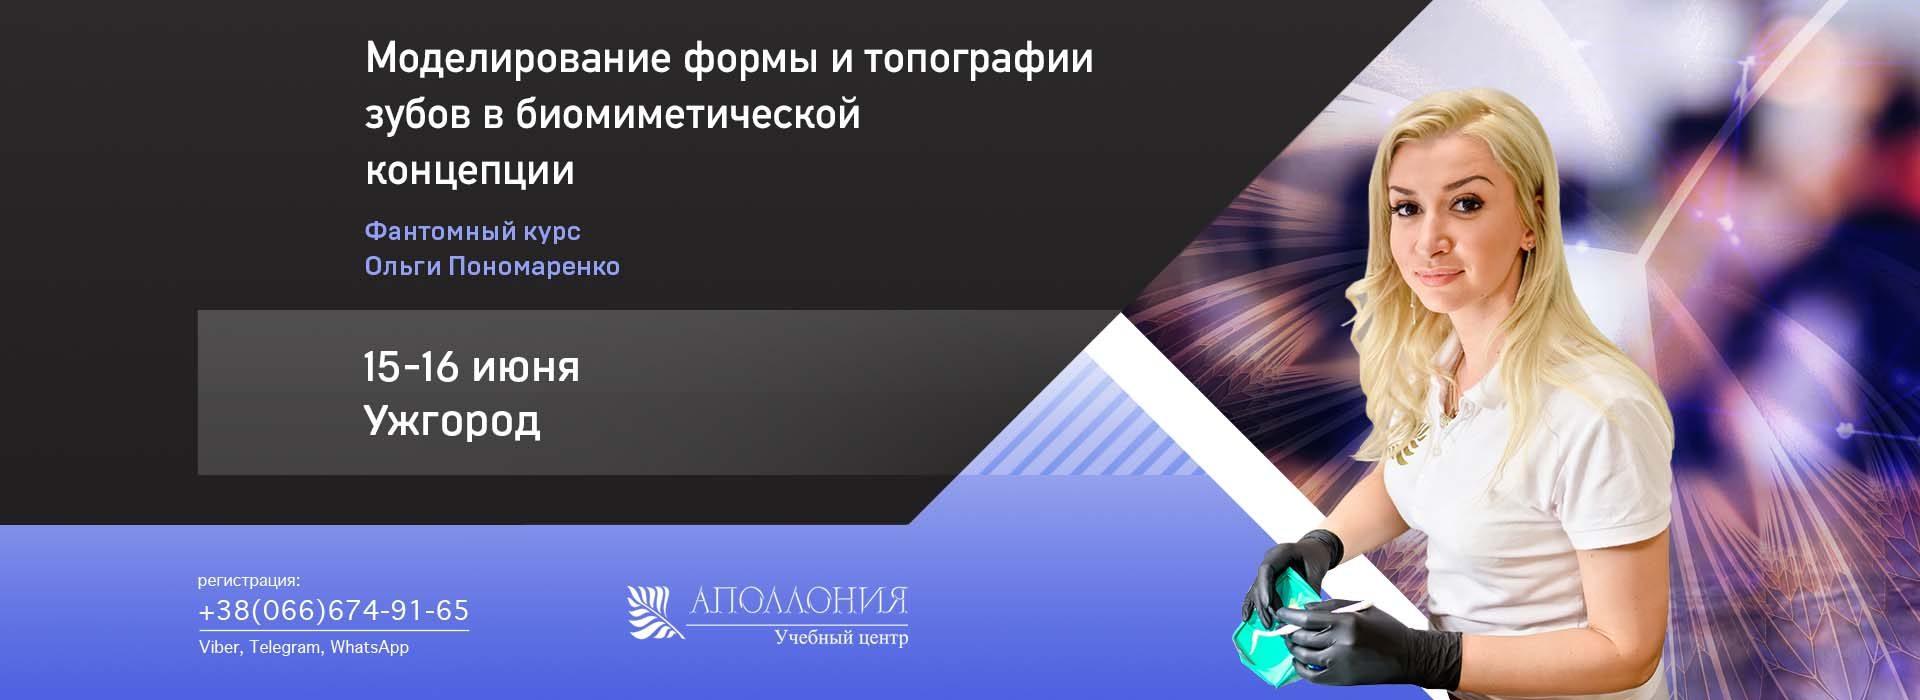 Фантомный курс Ольги Пономаренко   Ужгород, 15-16 июня